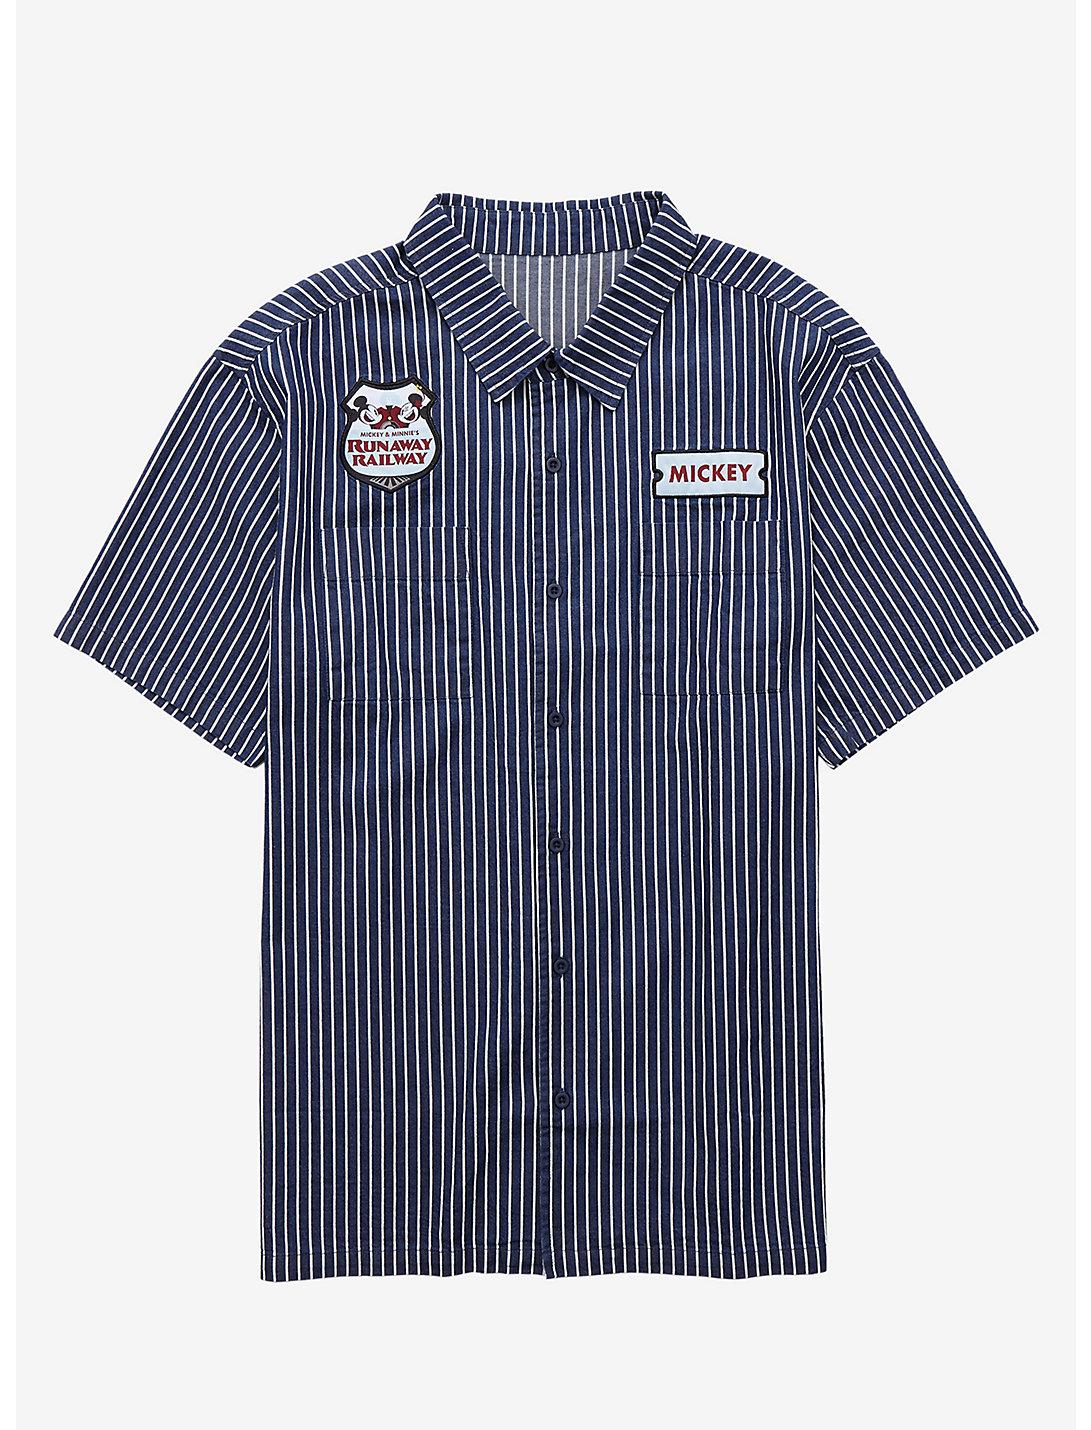 runaway railway conductor shirt